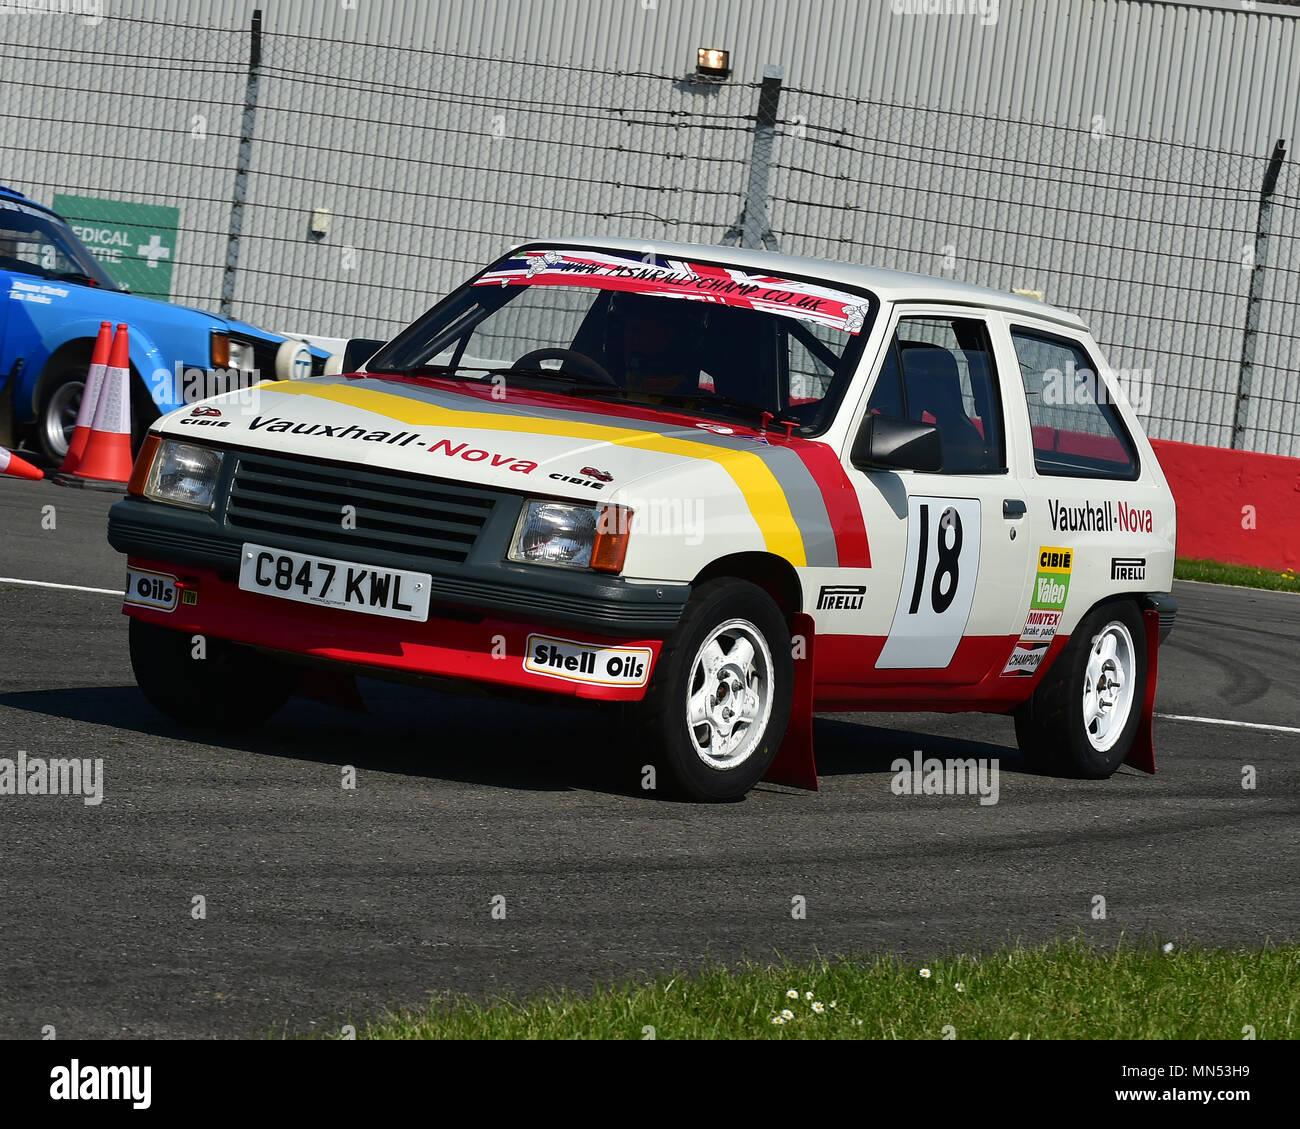 Vauxhall Nova, Rallying with Group B, Rally demo, Donington Historic ...